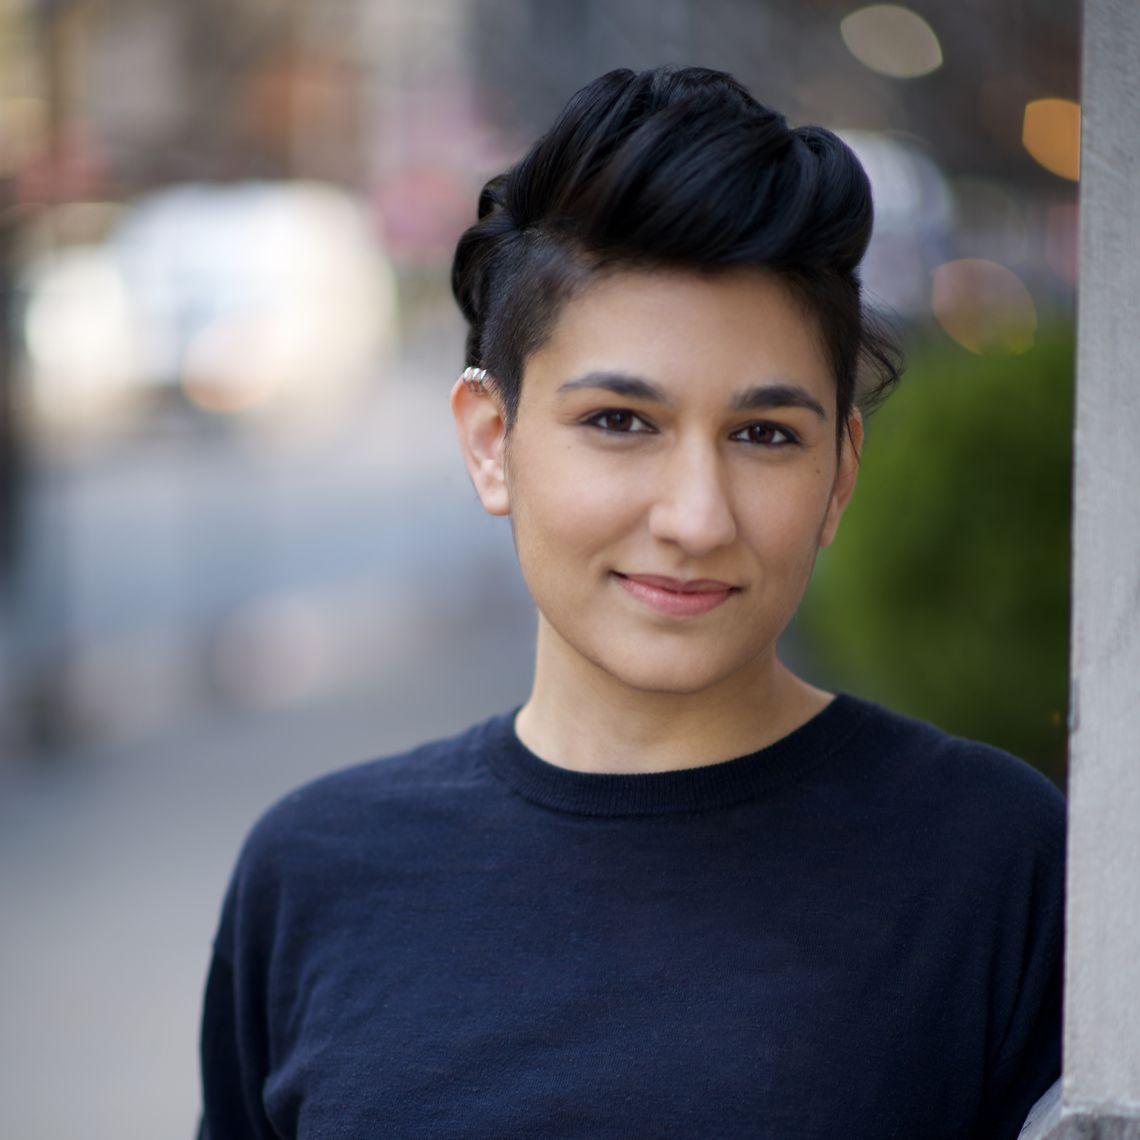 Headshot of Madiha Tahir